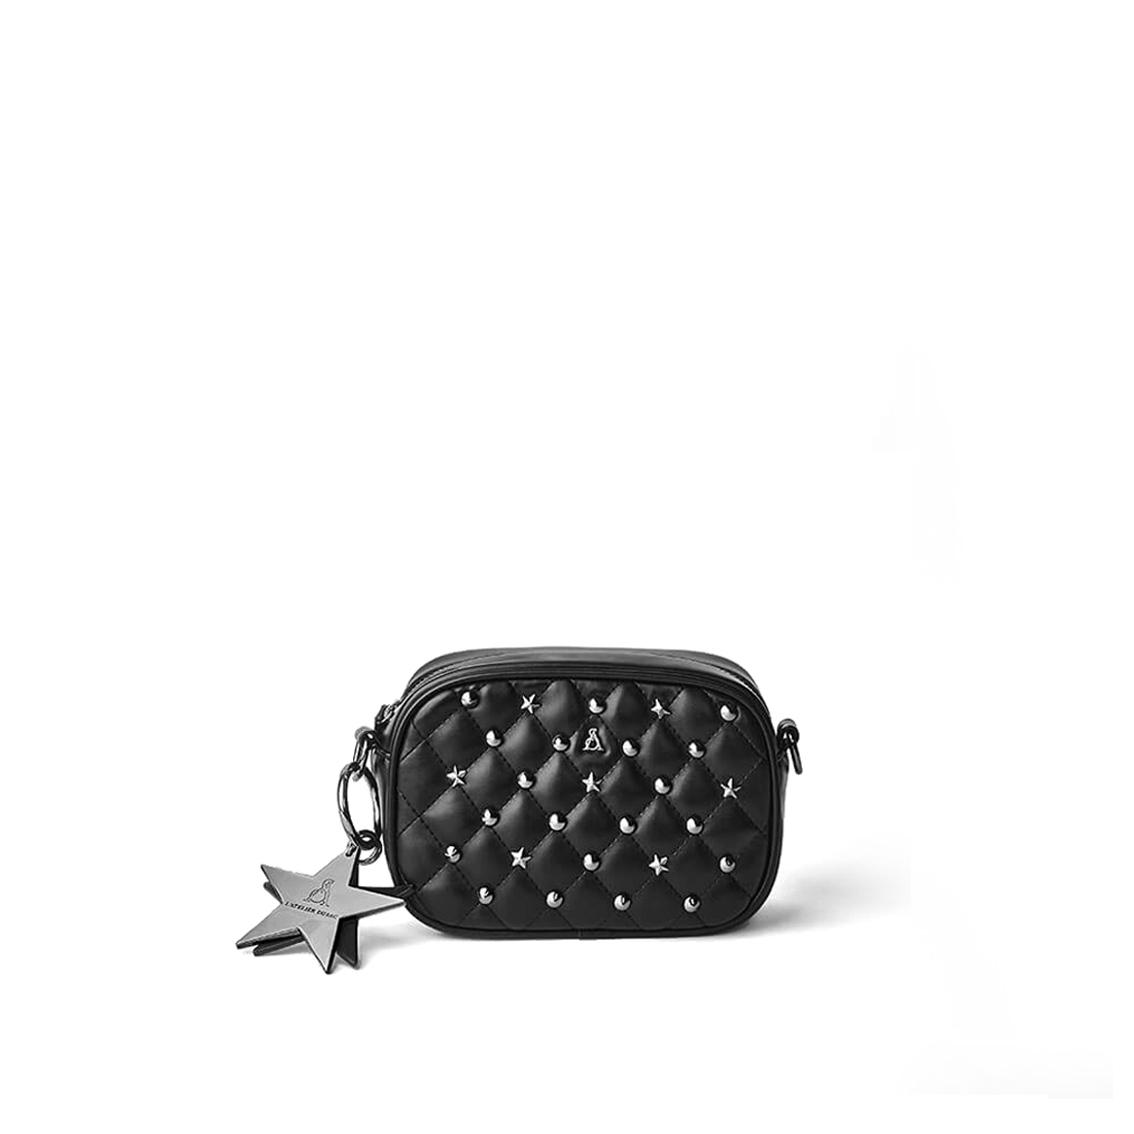 Minibag nera matelassé PashBag